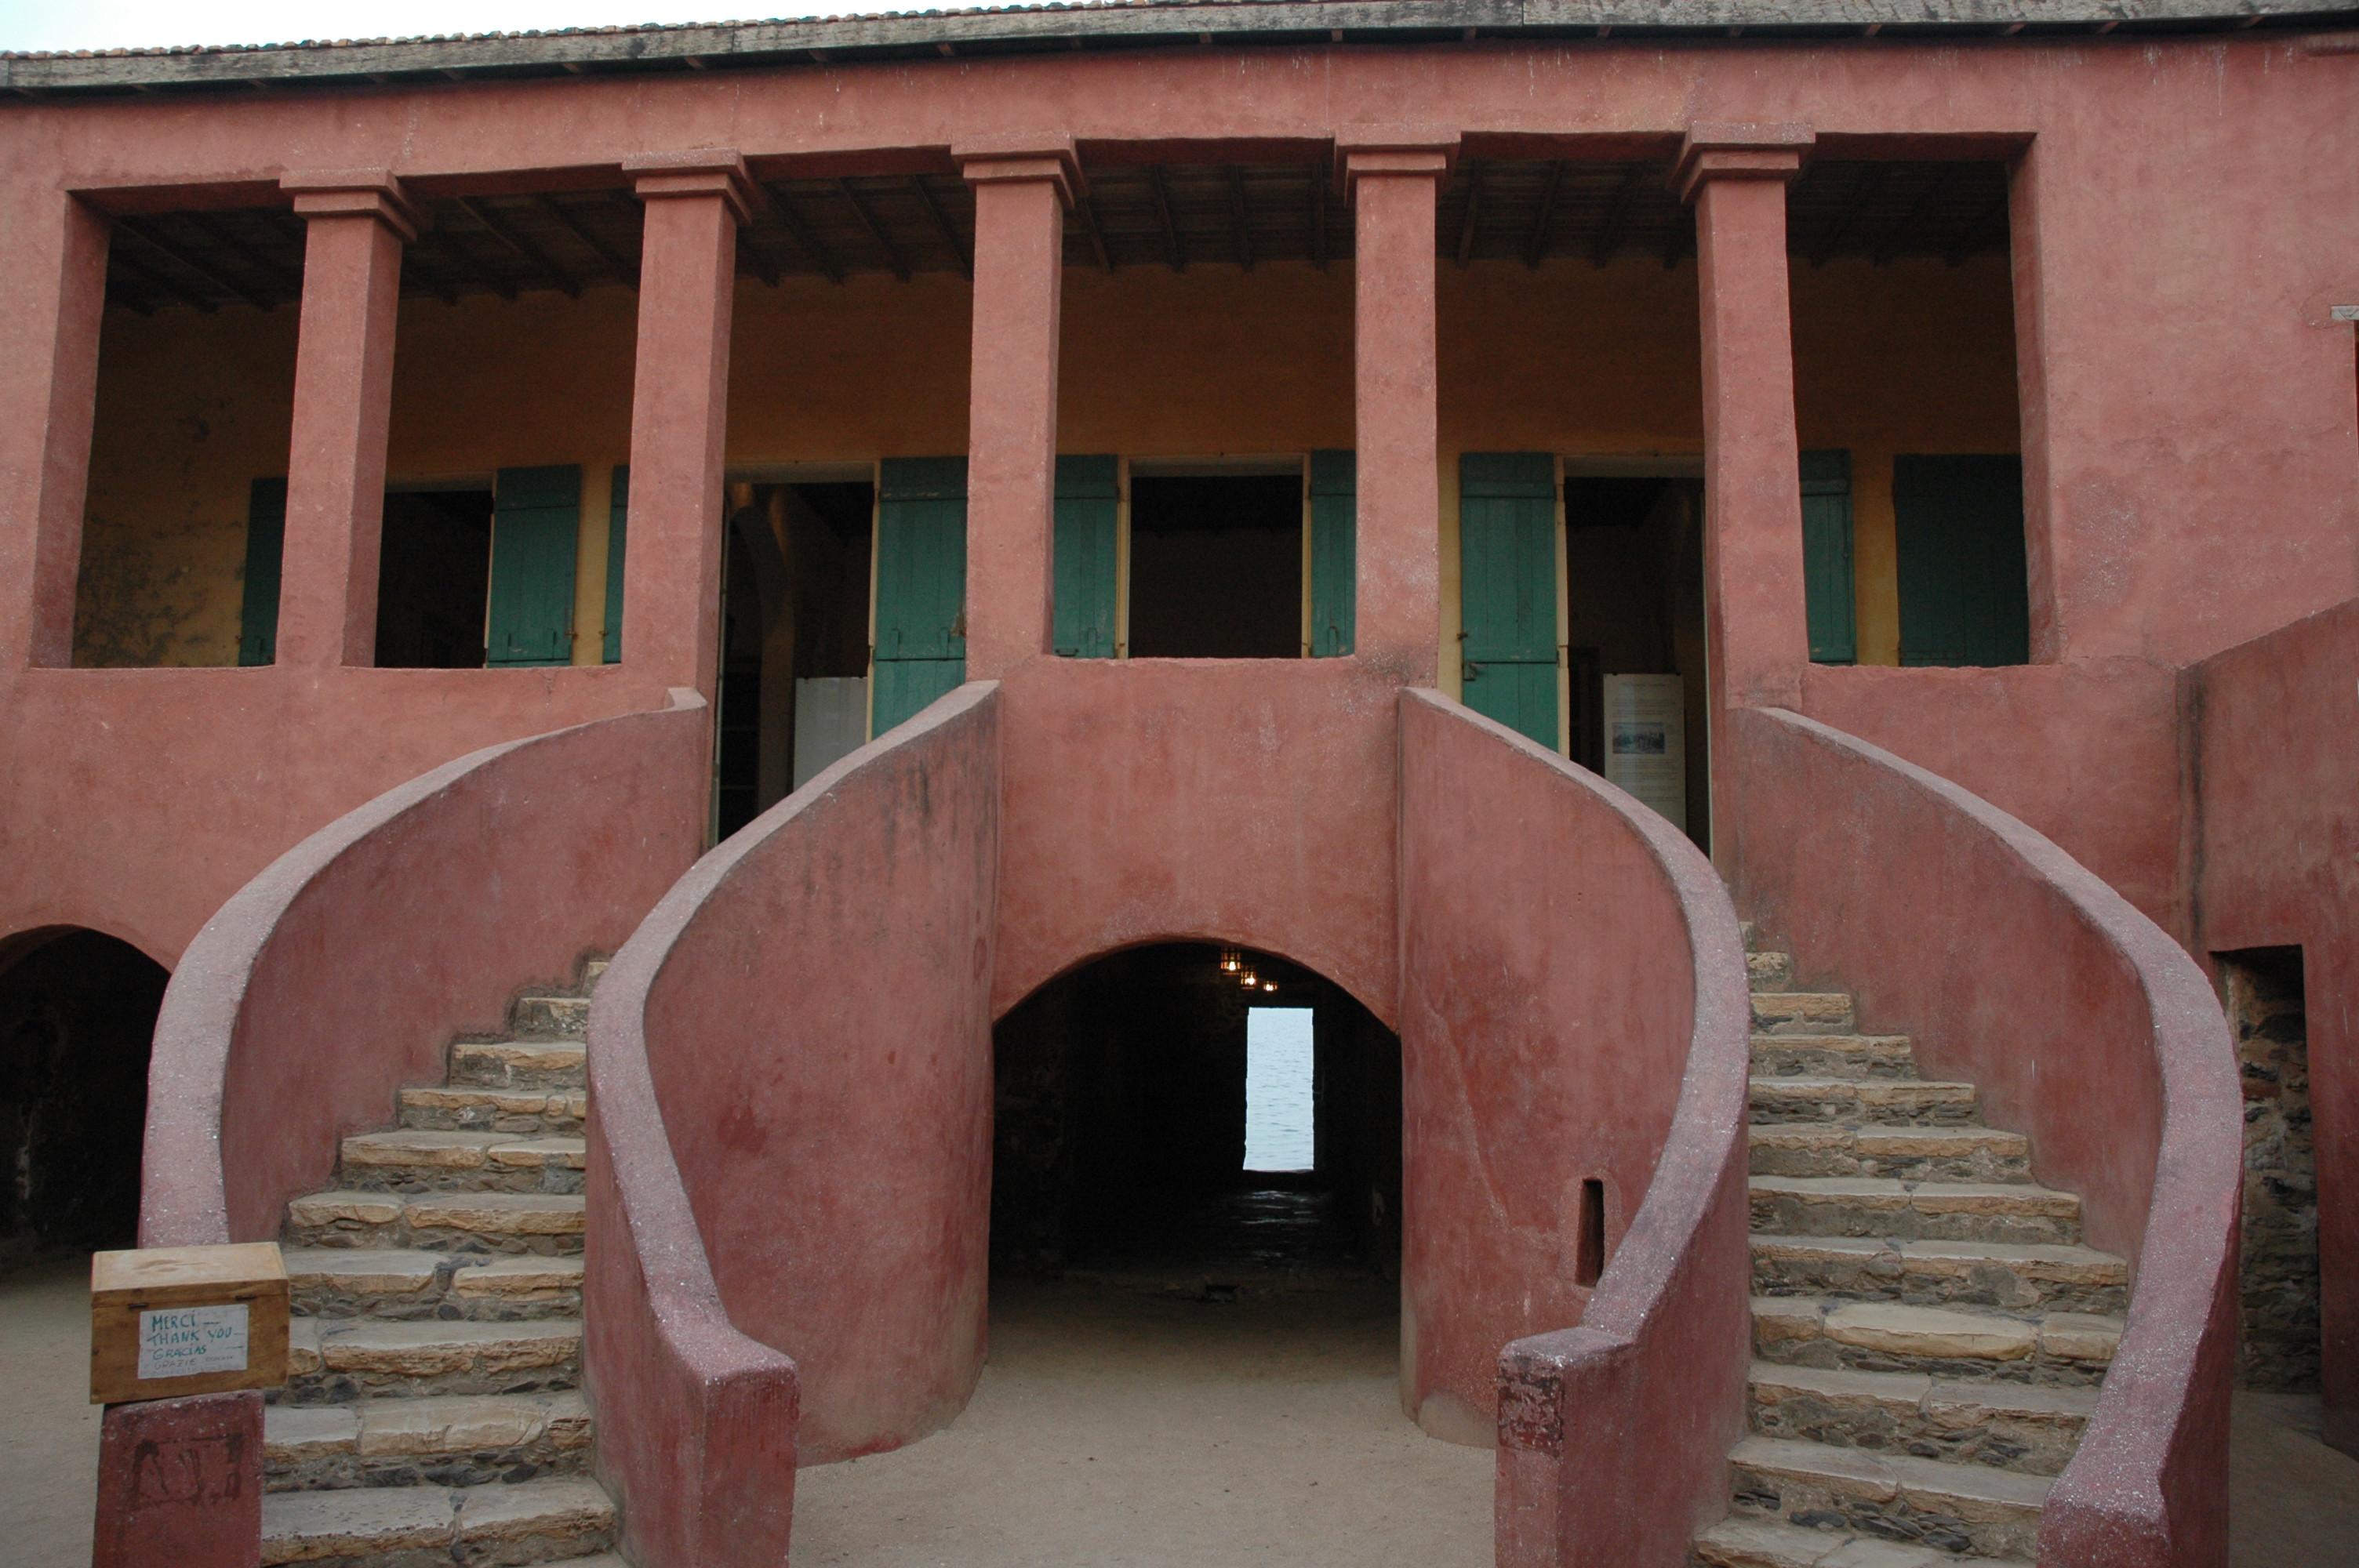 Casa dos Escravos, Dakar, Senegal